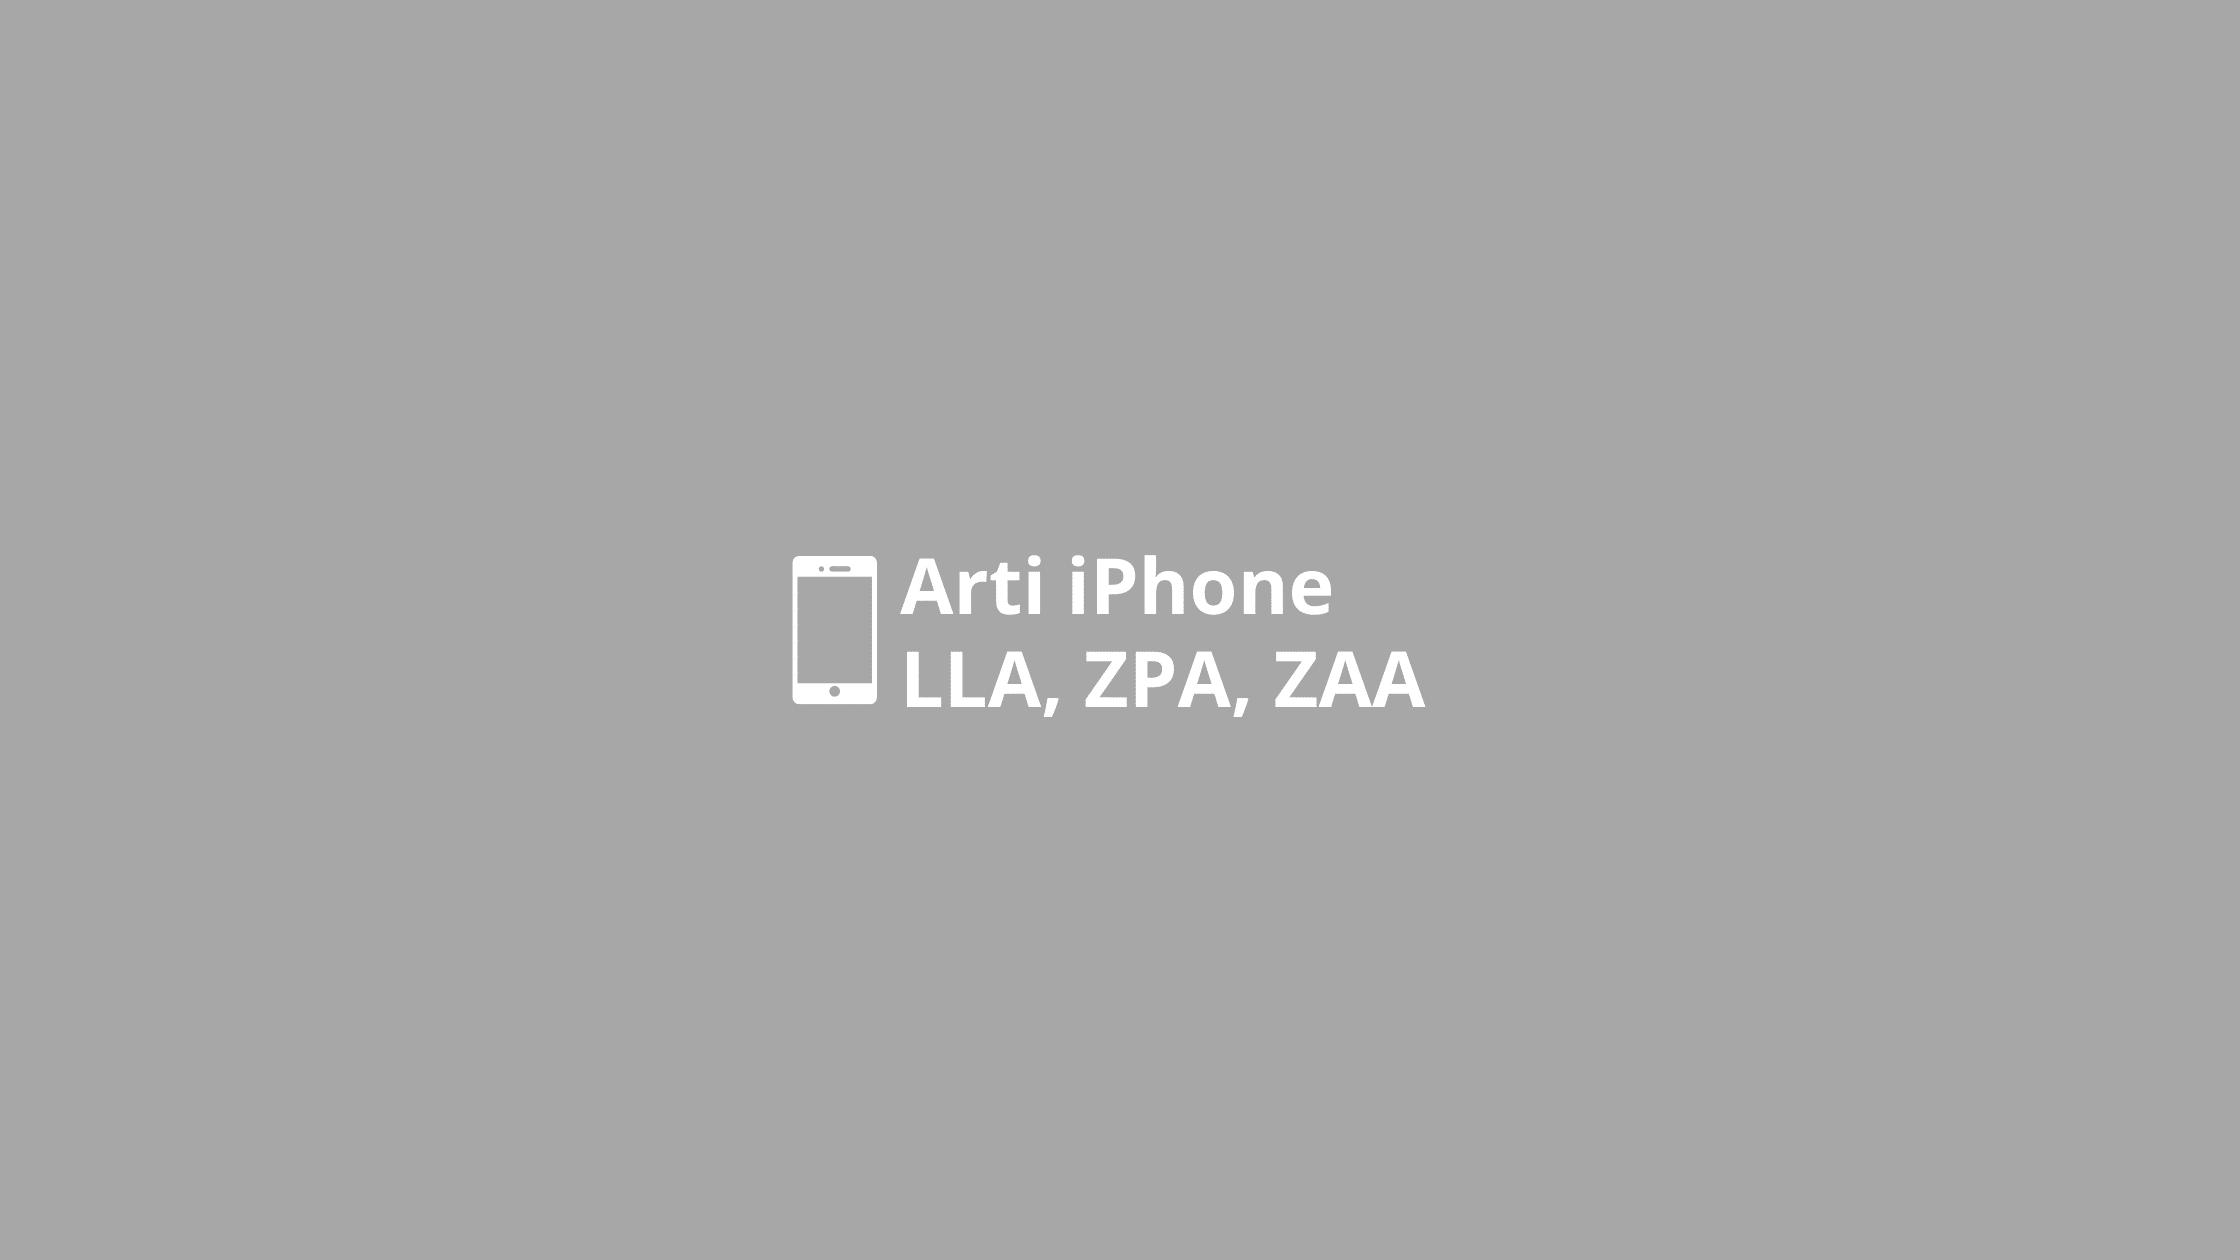 iphone lla